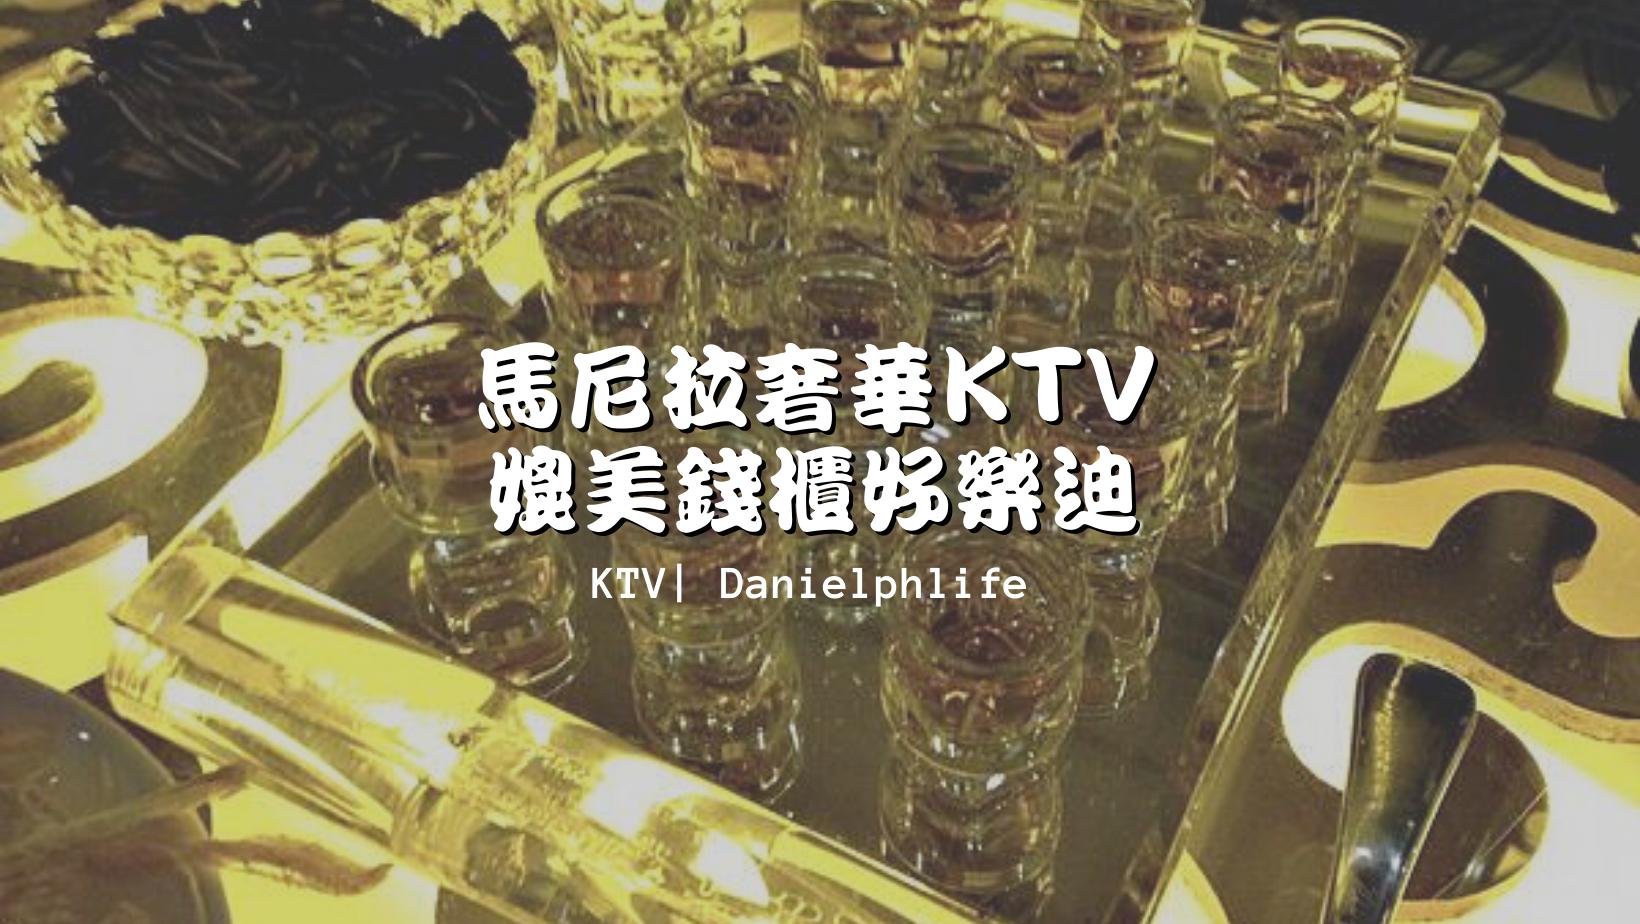 銀河俱樂部KTV